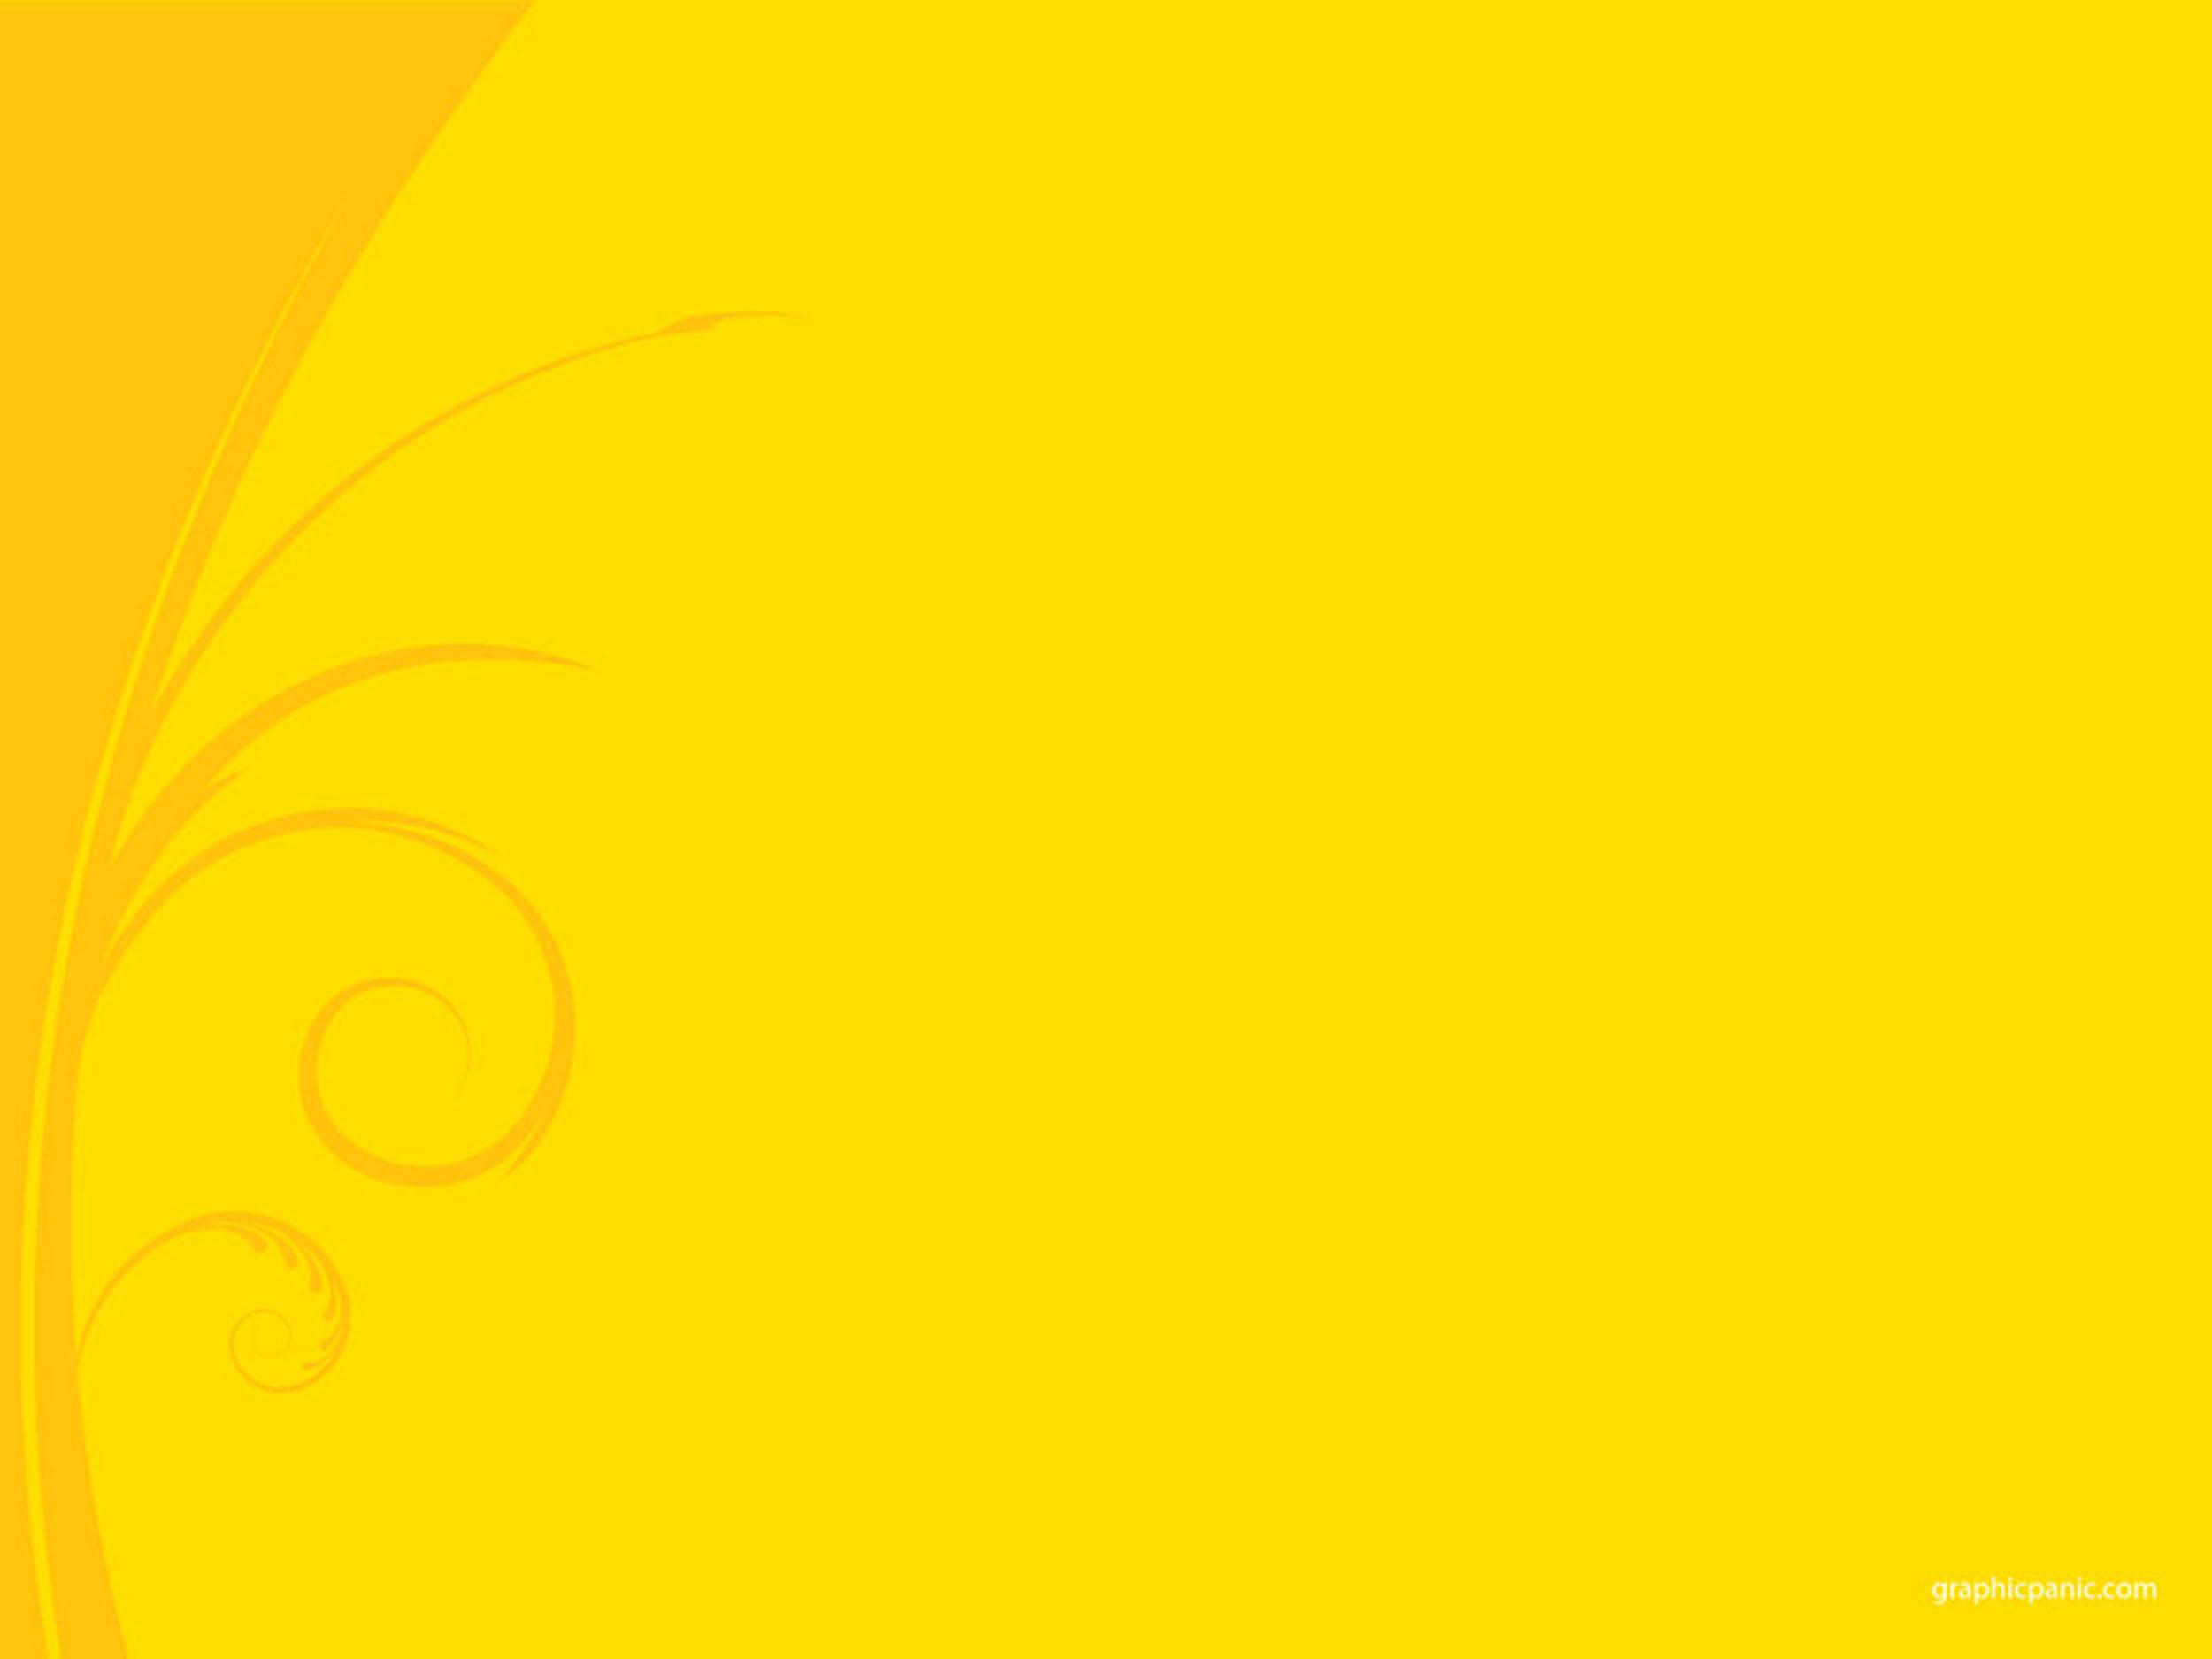 background-yellow.jpg